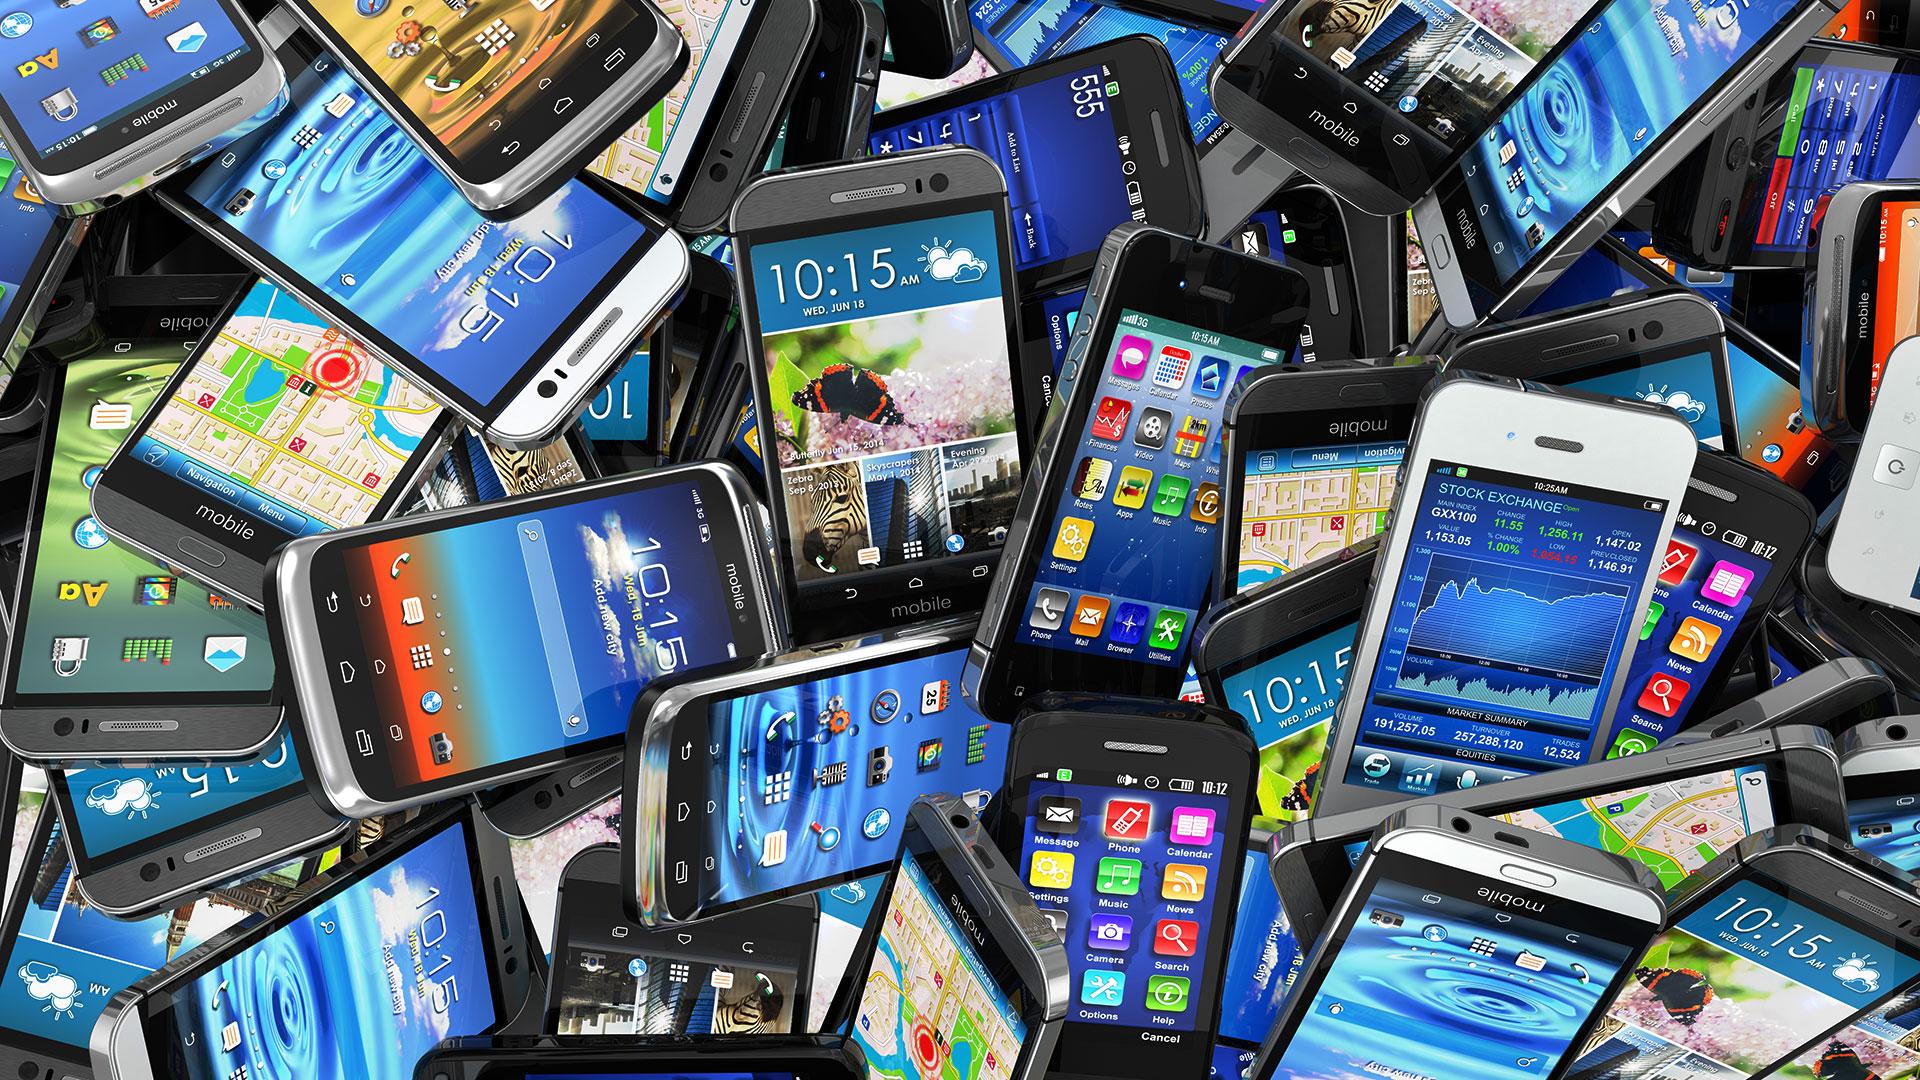 Canalys: за пять лет в мире будет продано 1.9 млрд 5G-смартфонов